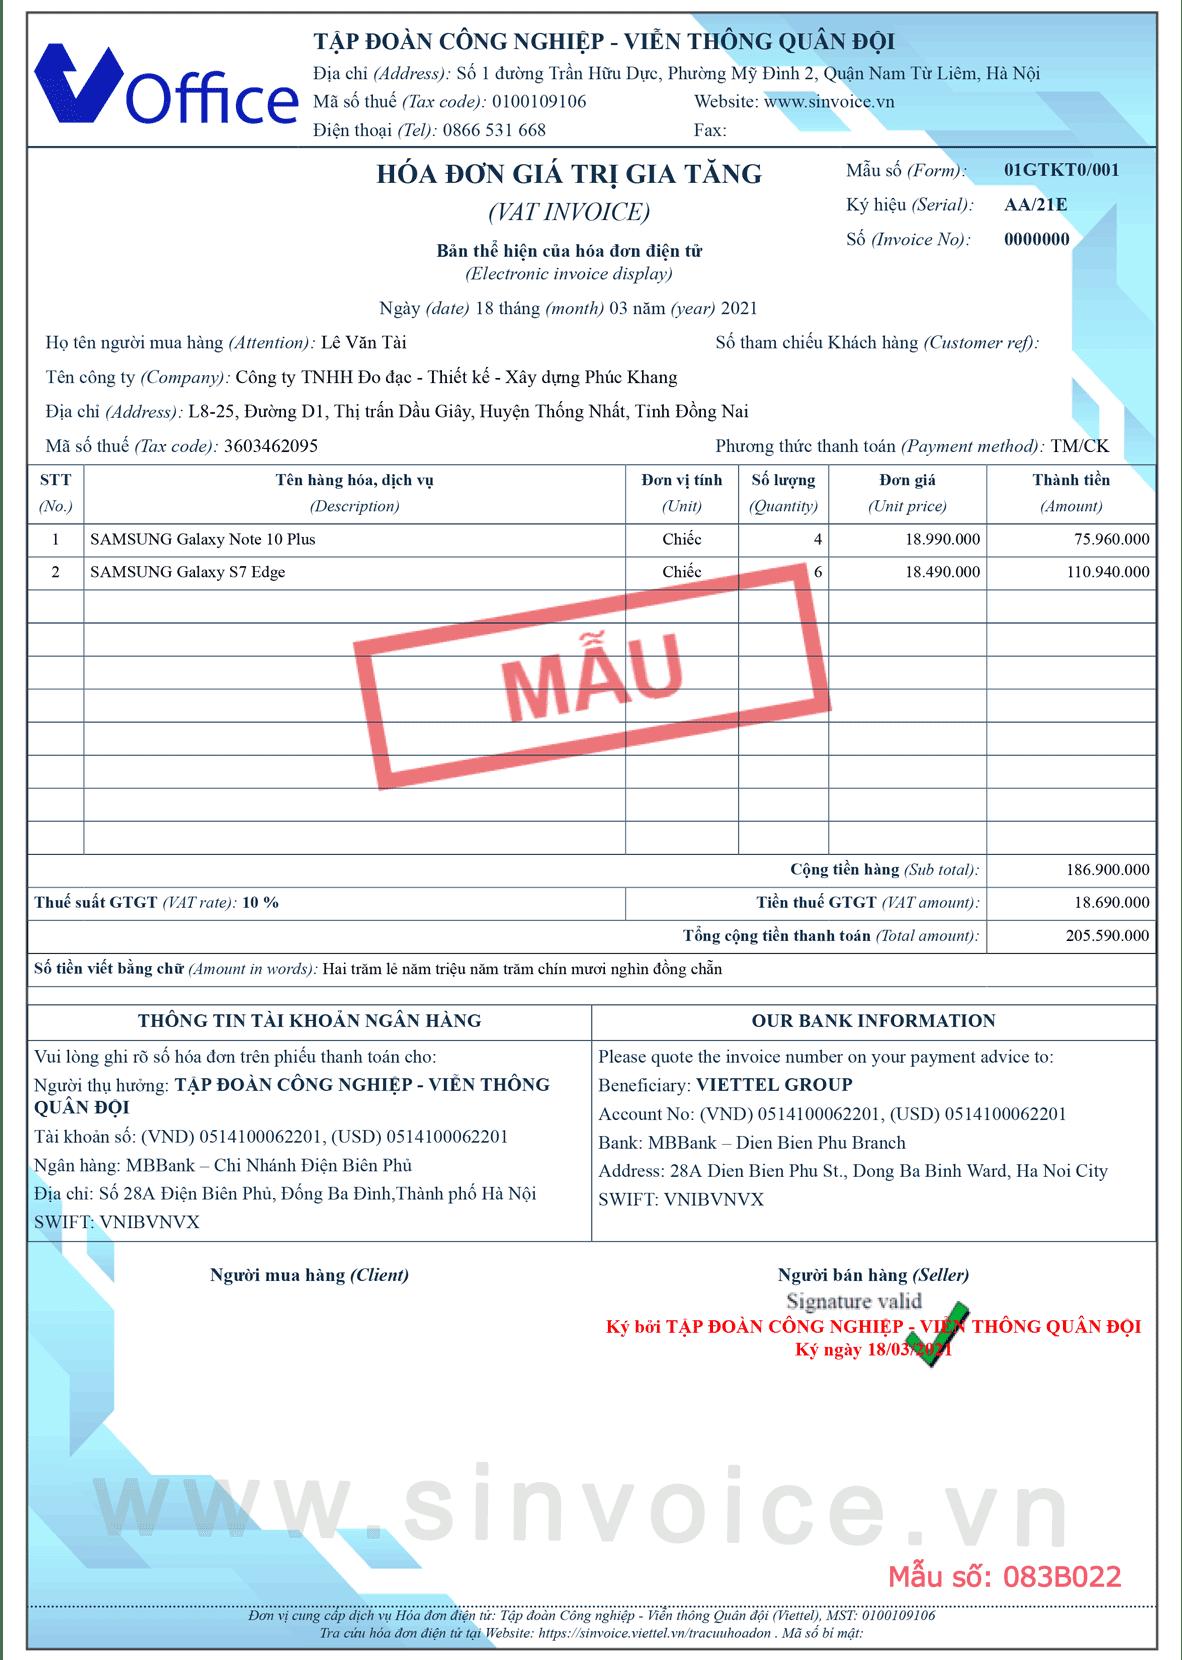 Mẫu hóa đơn điện tử số 083B022